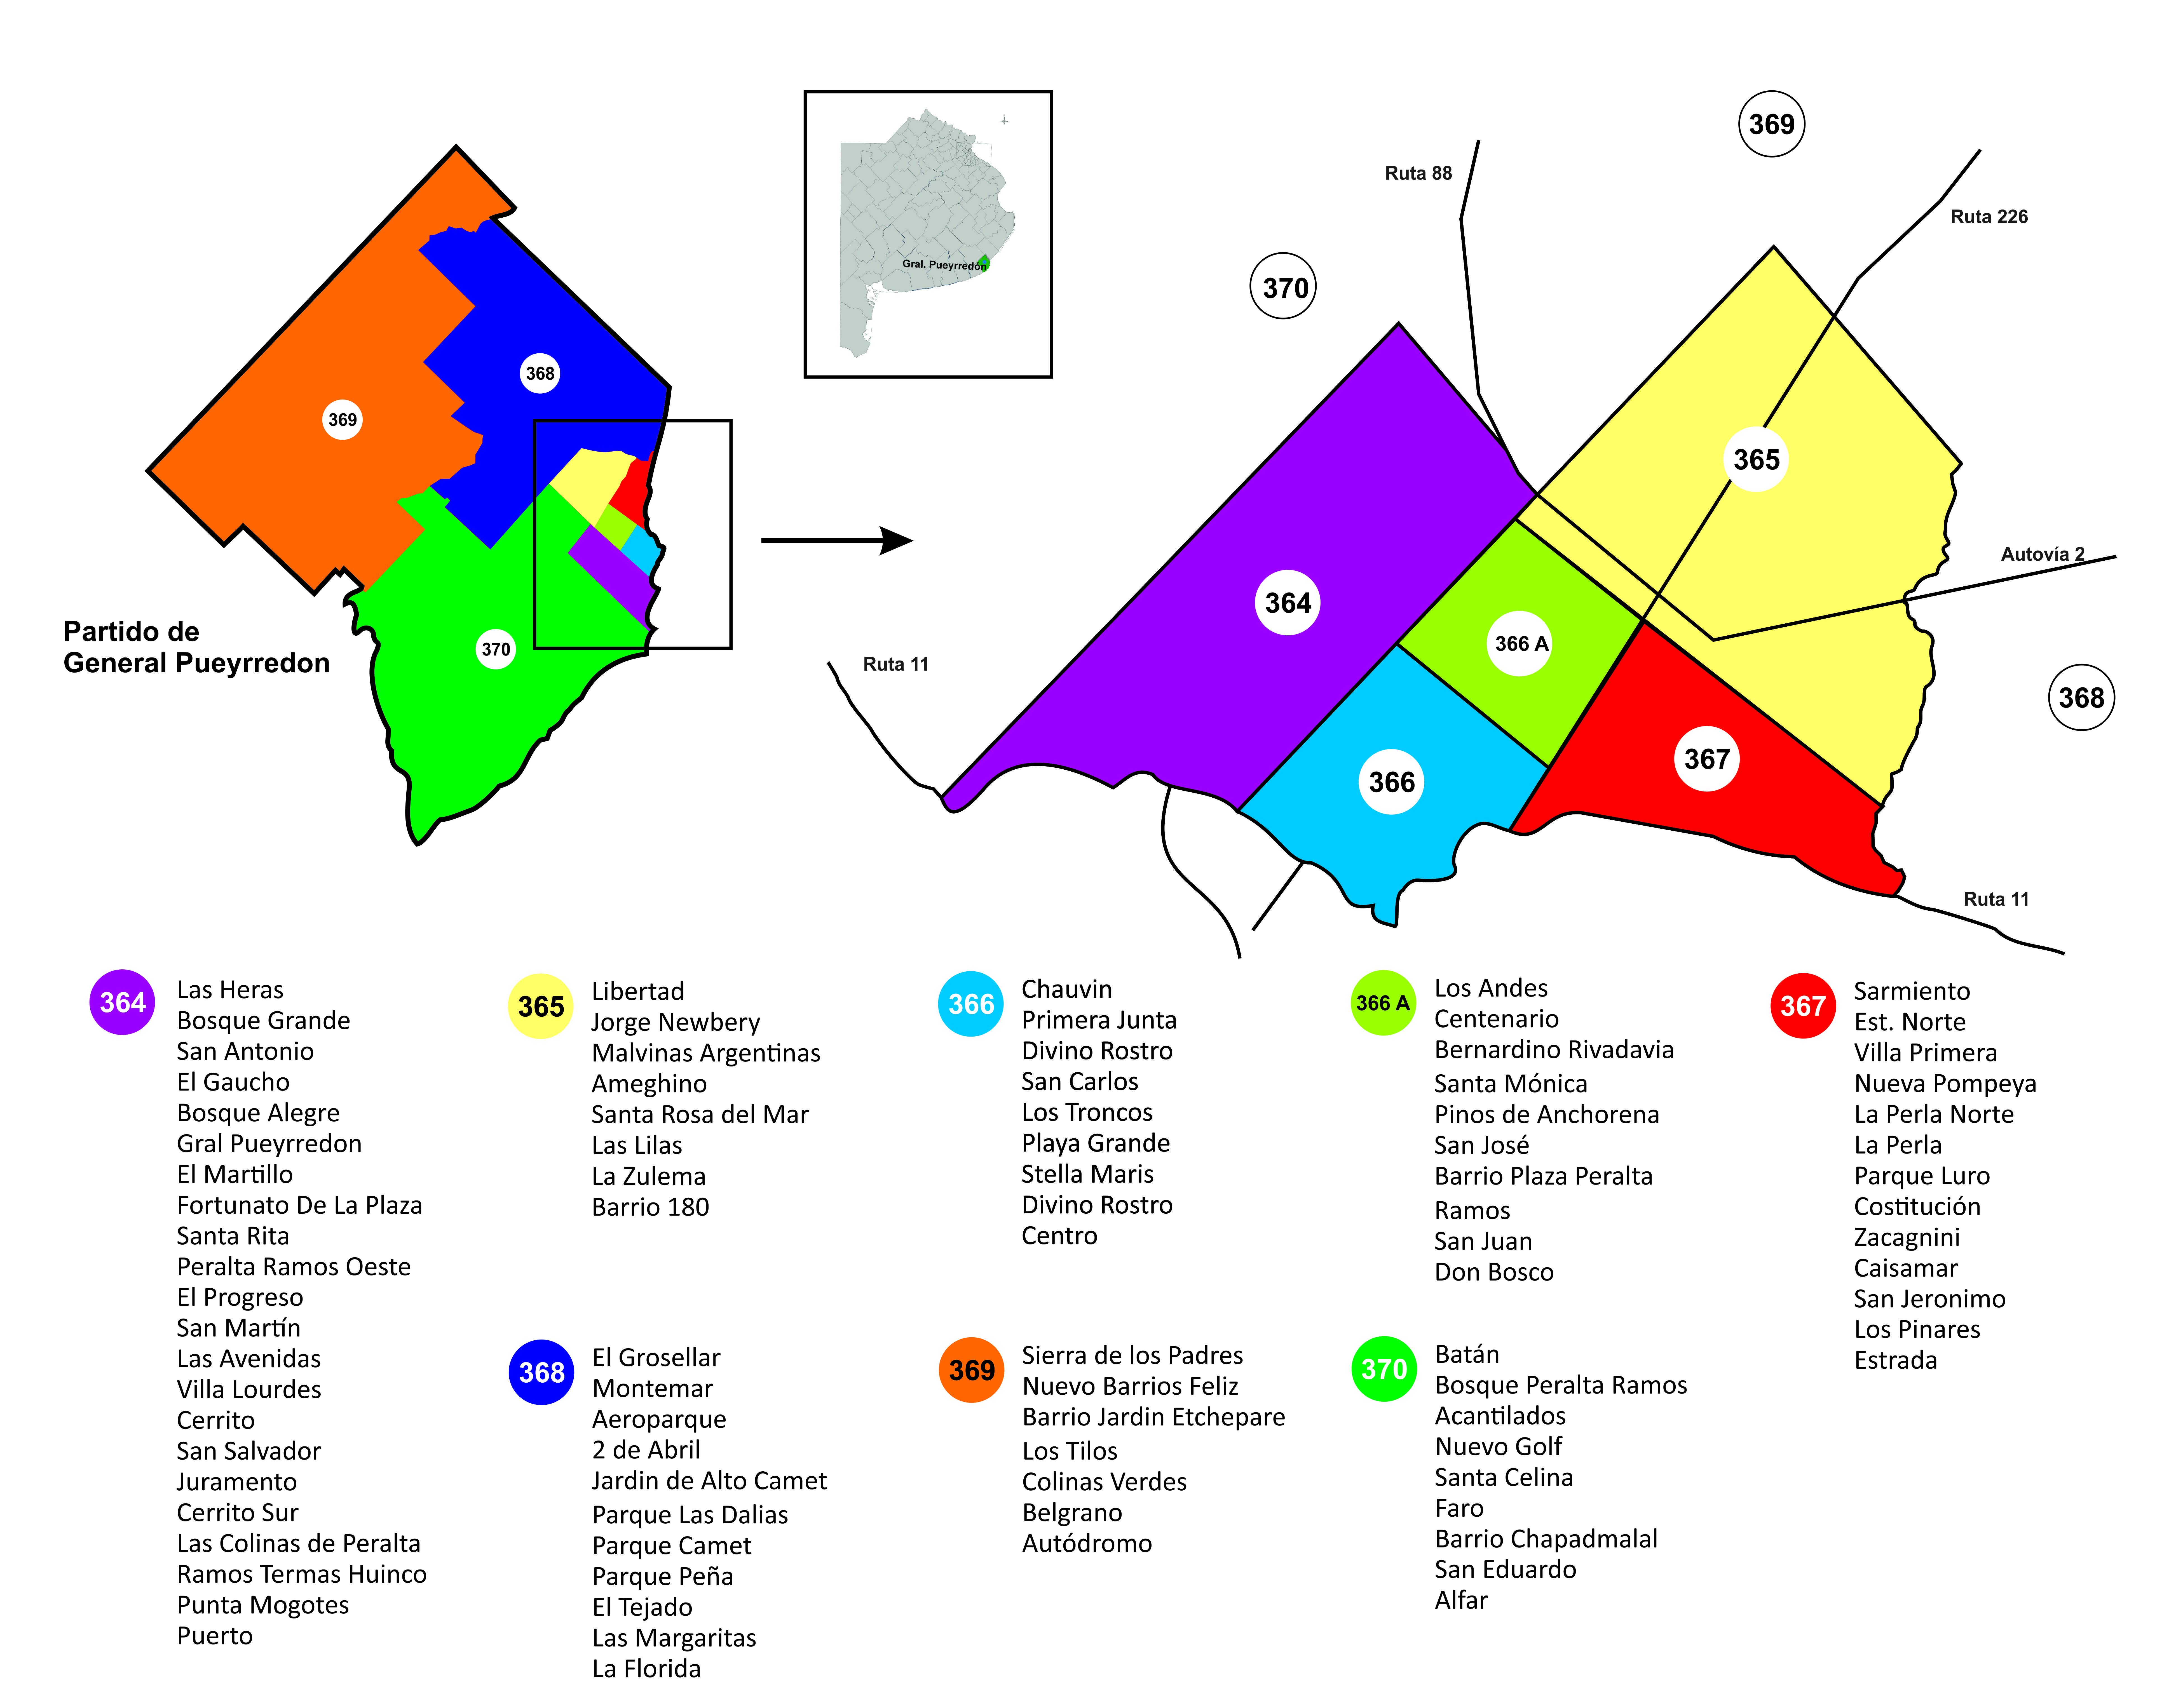 Circuito Mayor : Cambiemos consolidó su voto en los circuitos de mayor peso electoral